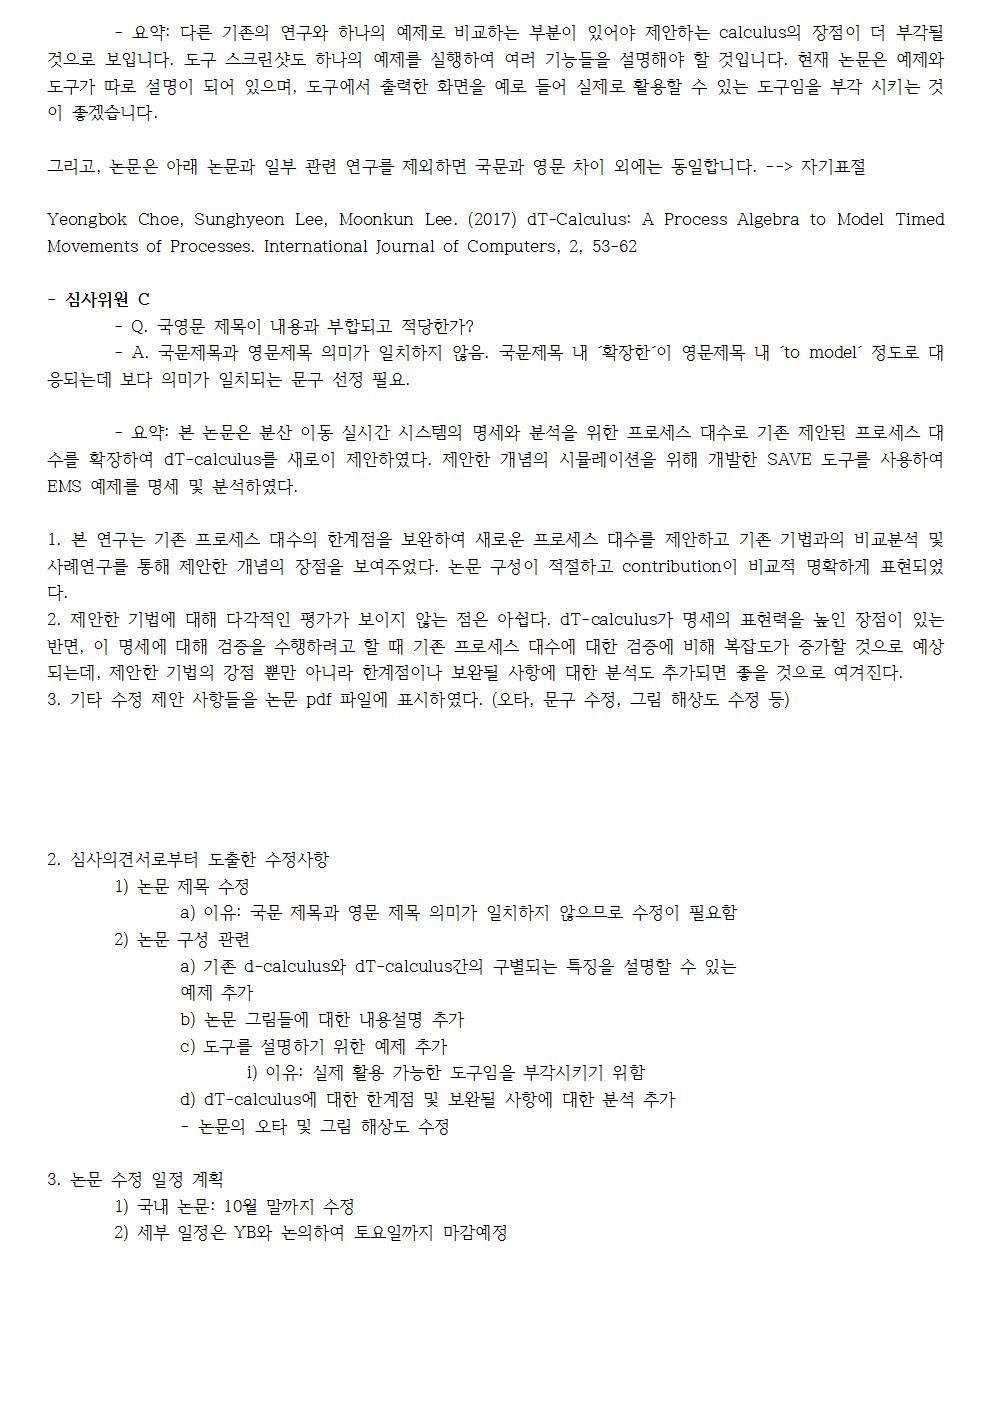 1-월-2017-09-18-PLAN(SH)003.jpg